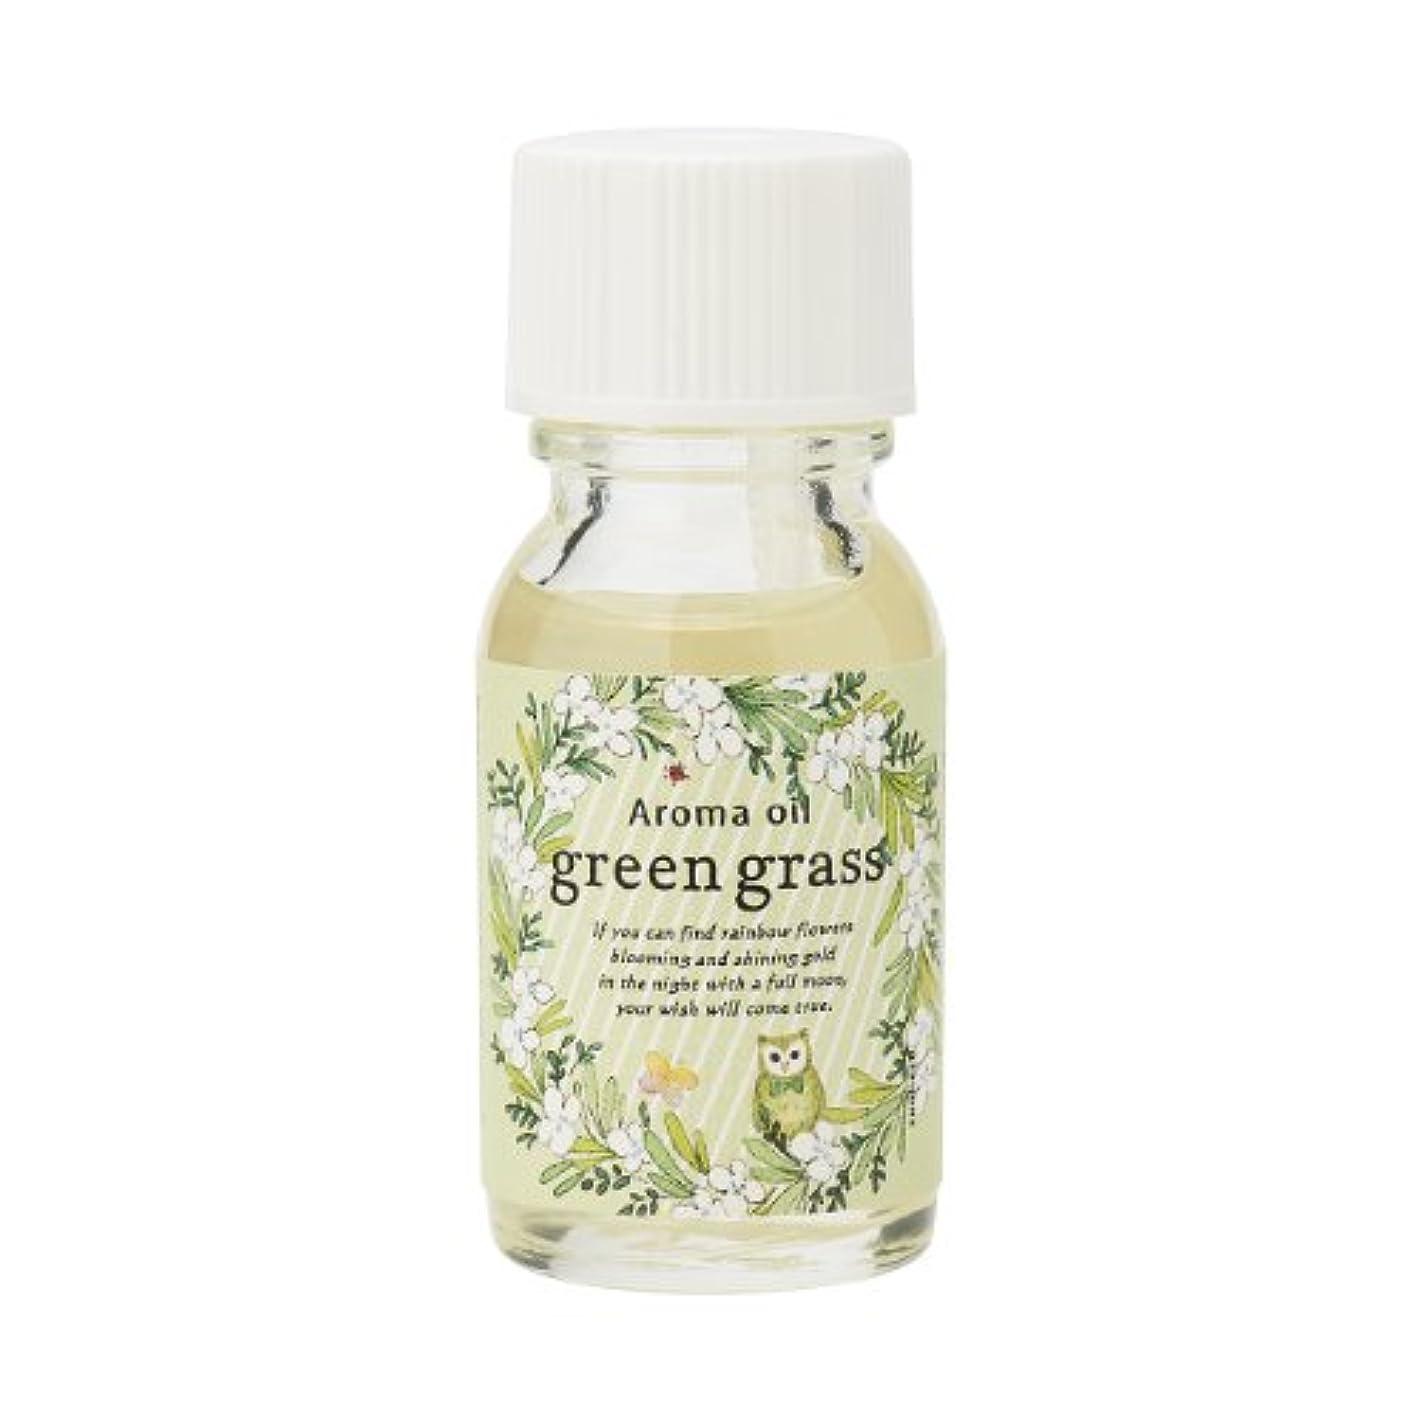 遅れ驚いたフルーツ野菜サンハーブ アロマオイル グリーングラス 13ml(爽やかでちょっと大人の香り)